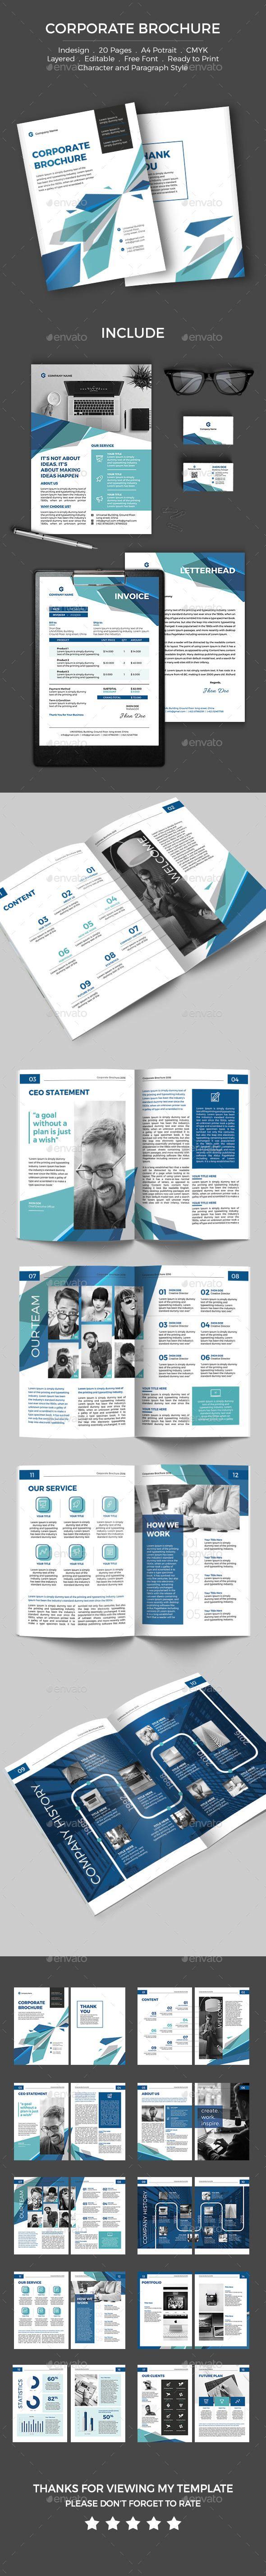 Corporate Brochure | Folletos, Catálogo y Diseño editorial